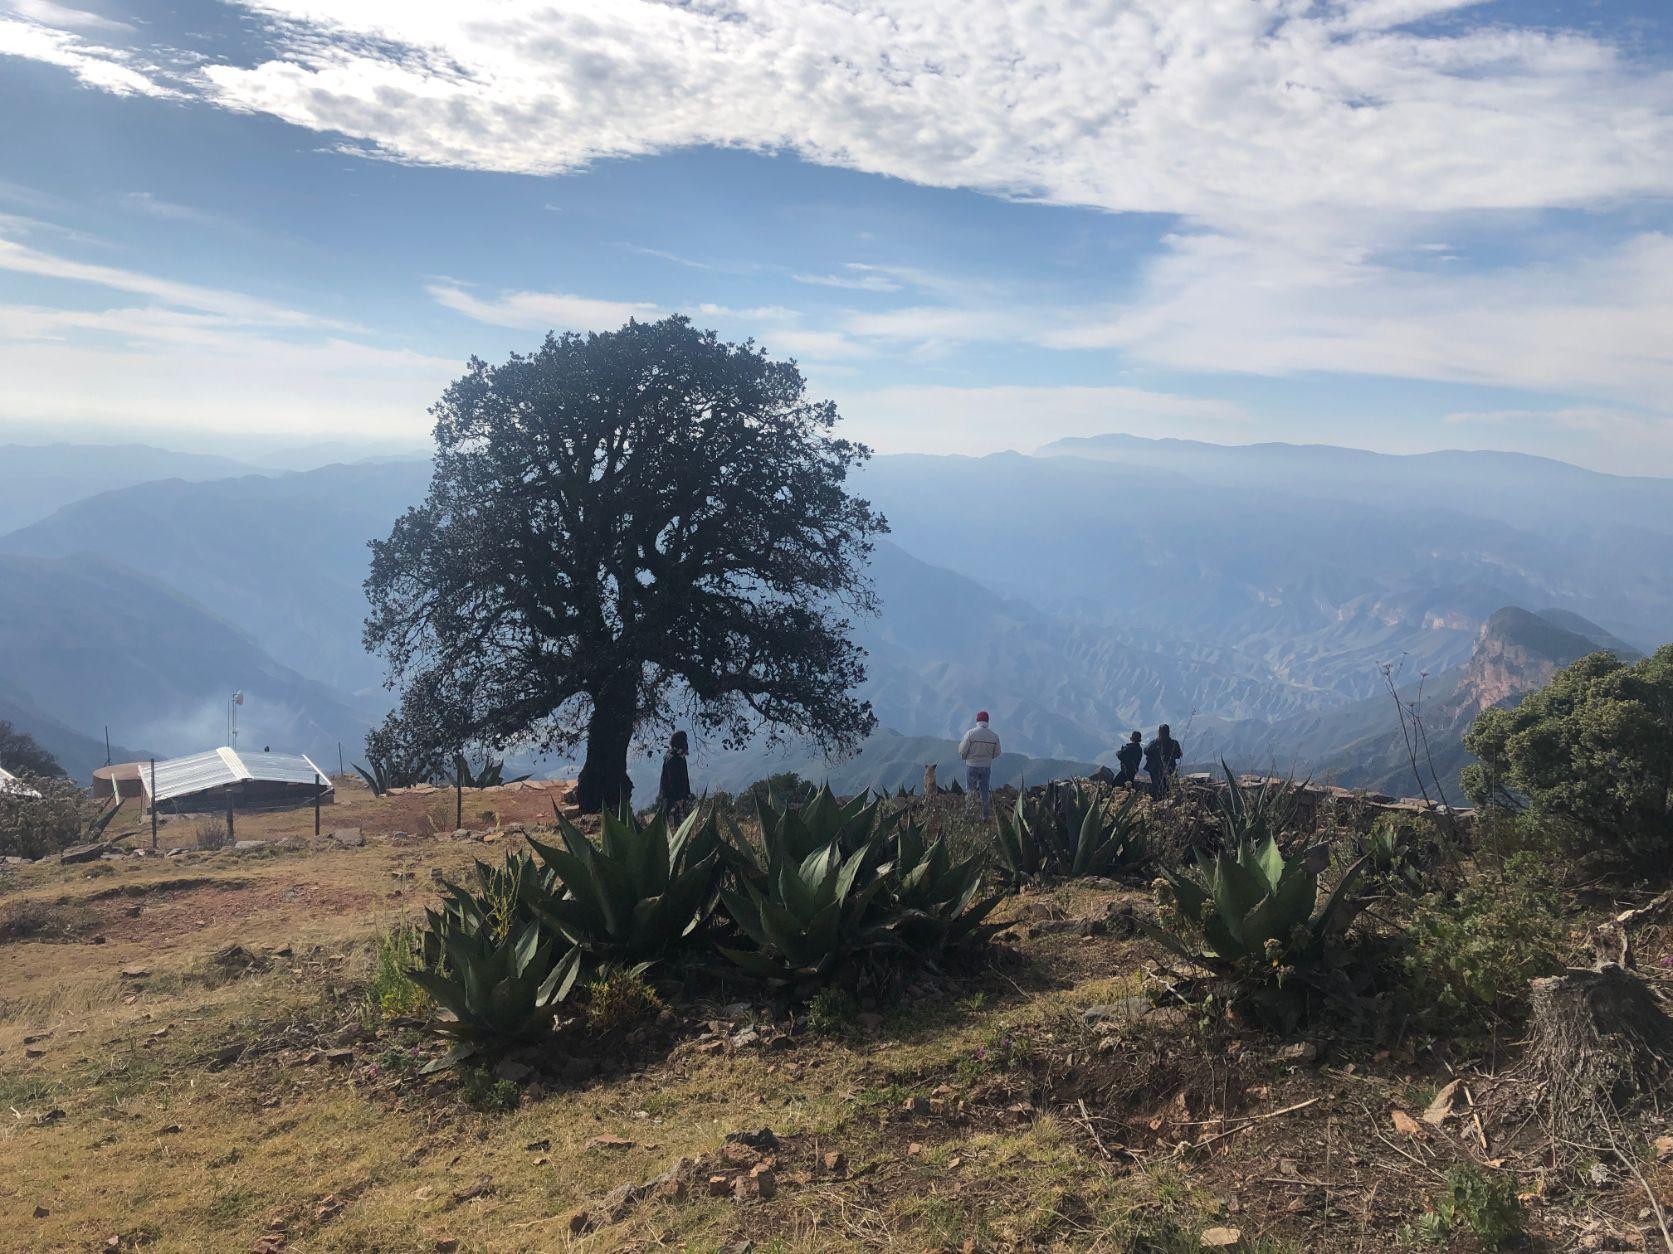 campsite at the Mirado de Cuatro Pelos view point in Sierra Gorda